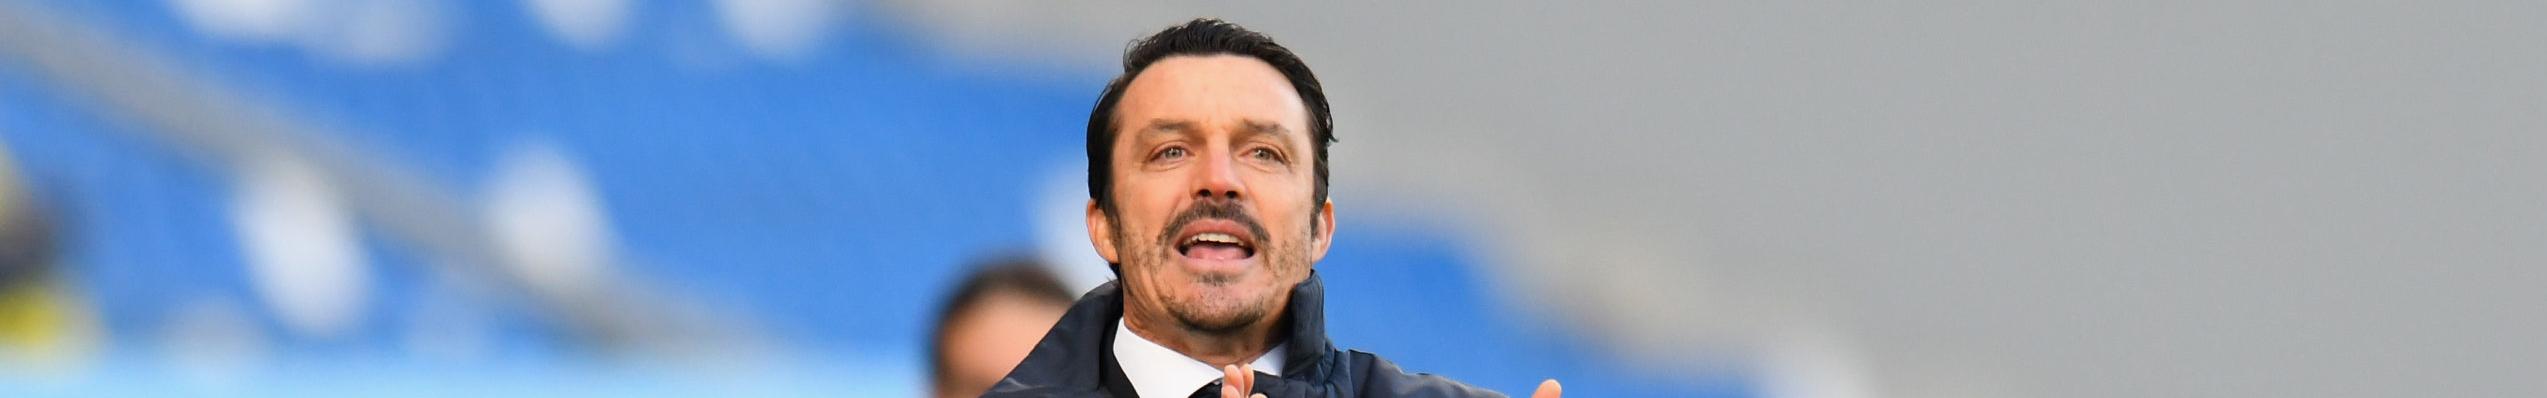 Pronostici Serie B: le partite di venerdì 24 luglio 2020